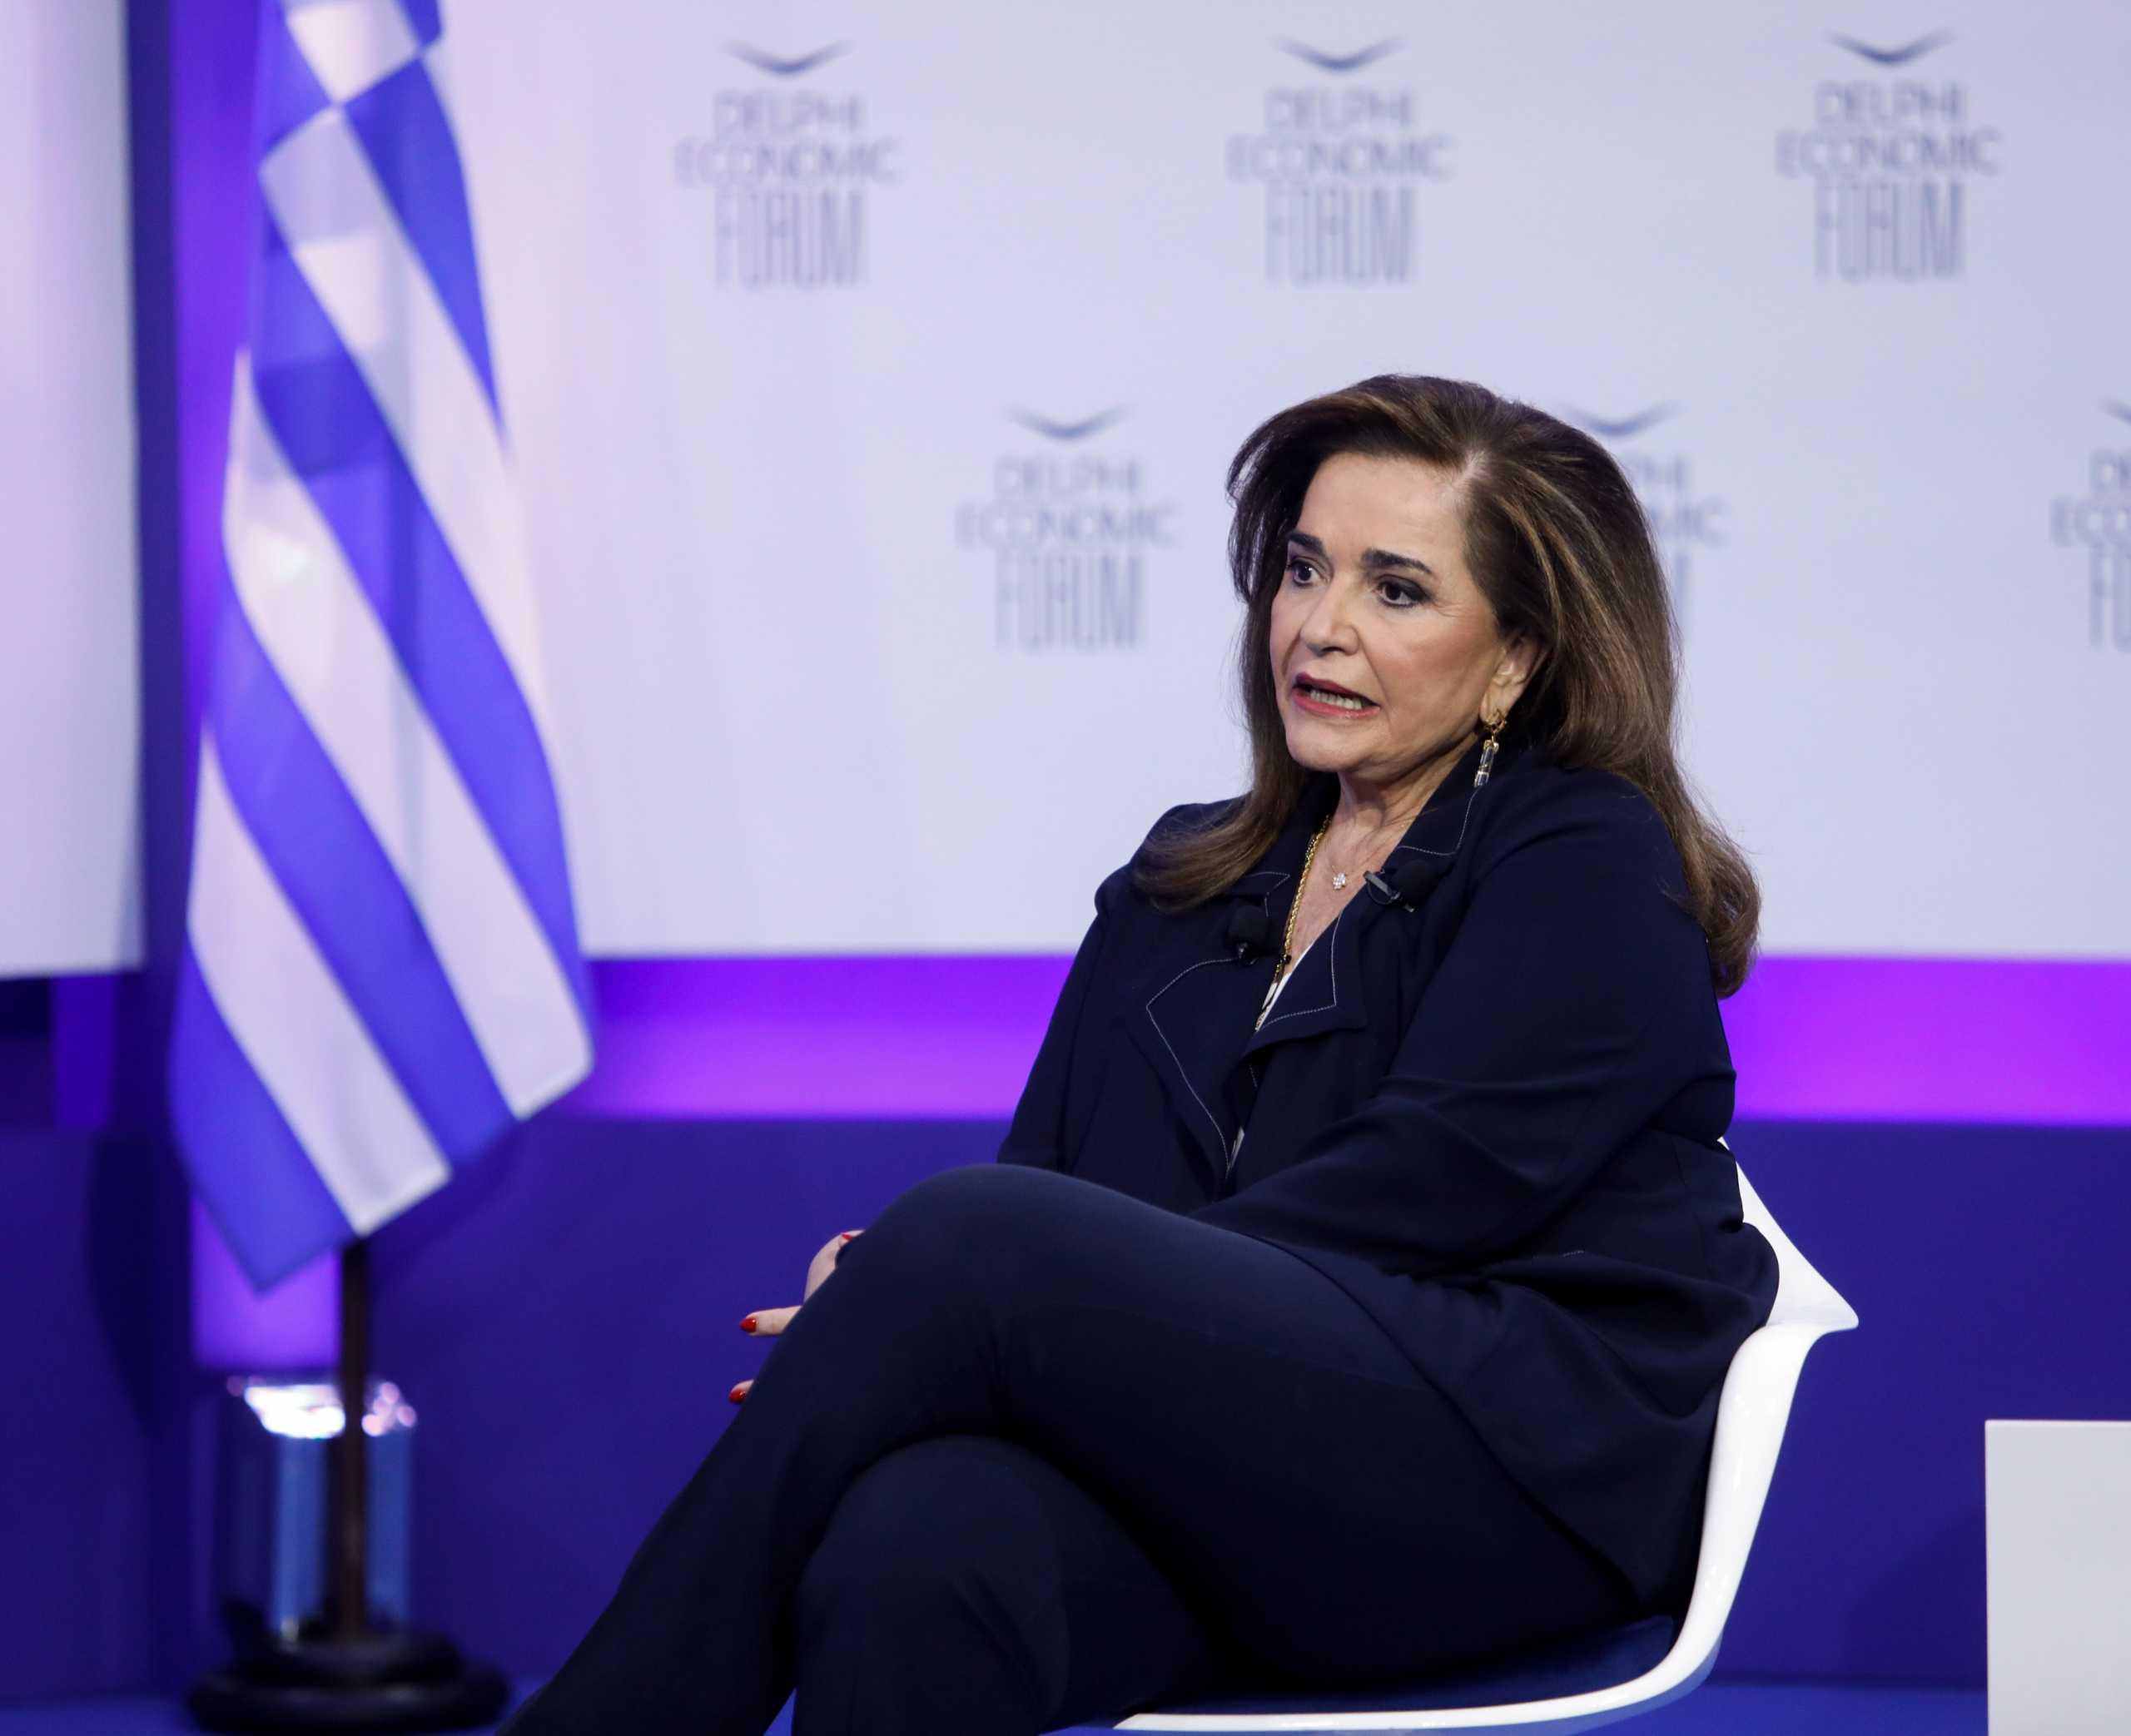 Μπακογιάννη στο Οικονομικό Φόρουμ Δελφών: «Η αλλαγή στάσης της Τουρκίας δεν επιτρέπει αισιοδοξία στο Κυπριακό»